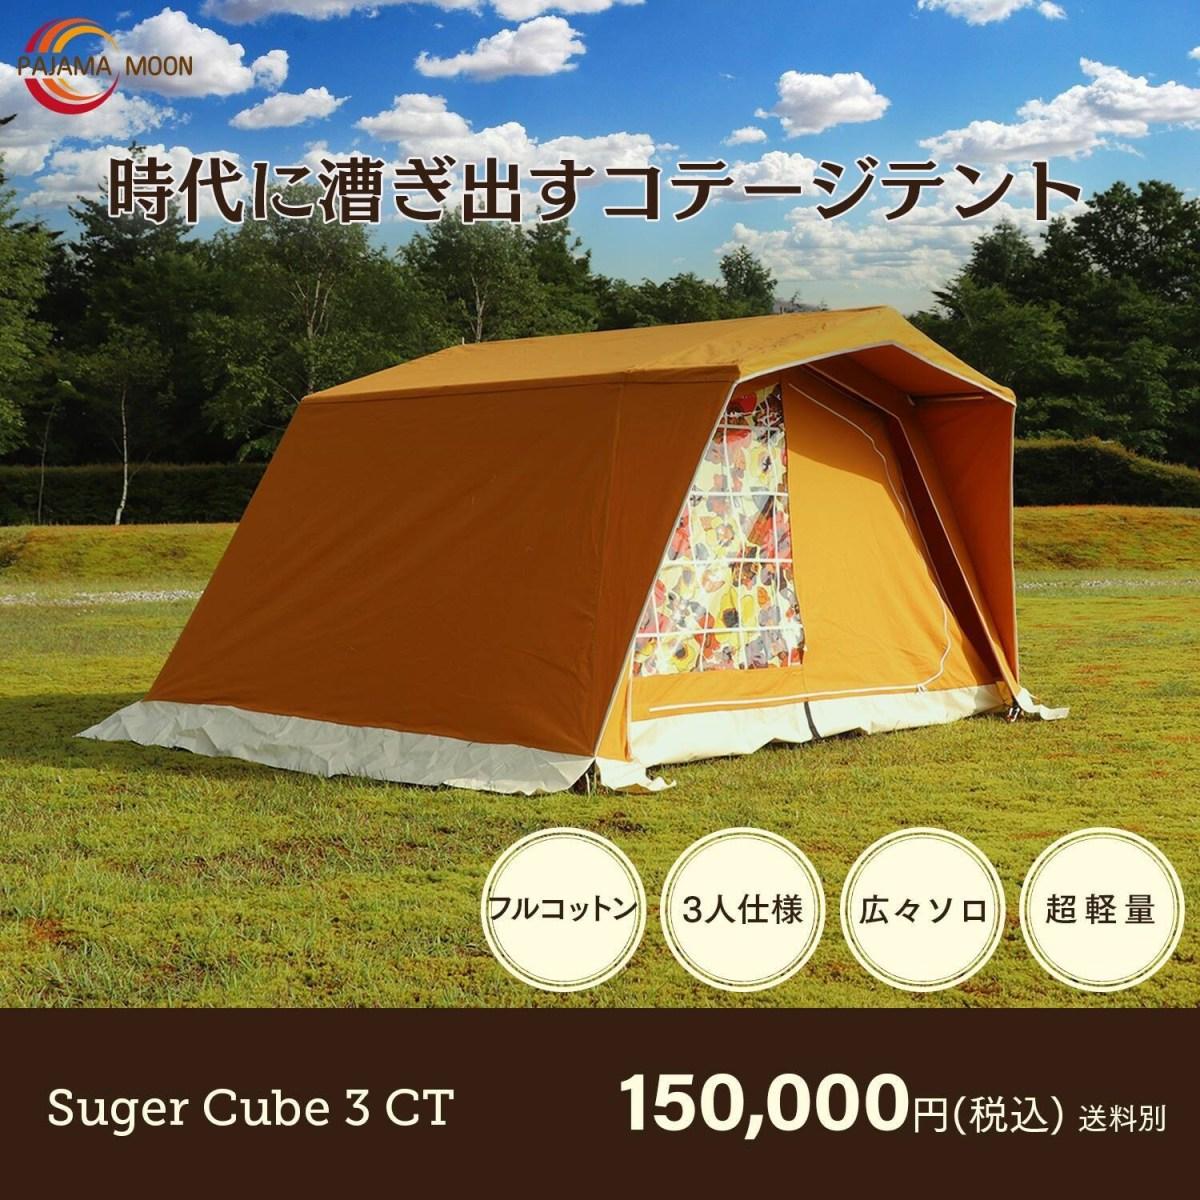 【受注生産品】パジャマムーンオリジナル シュガーキューブ3CT コットン製